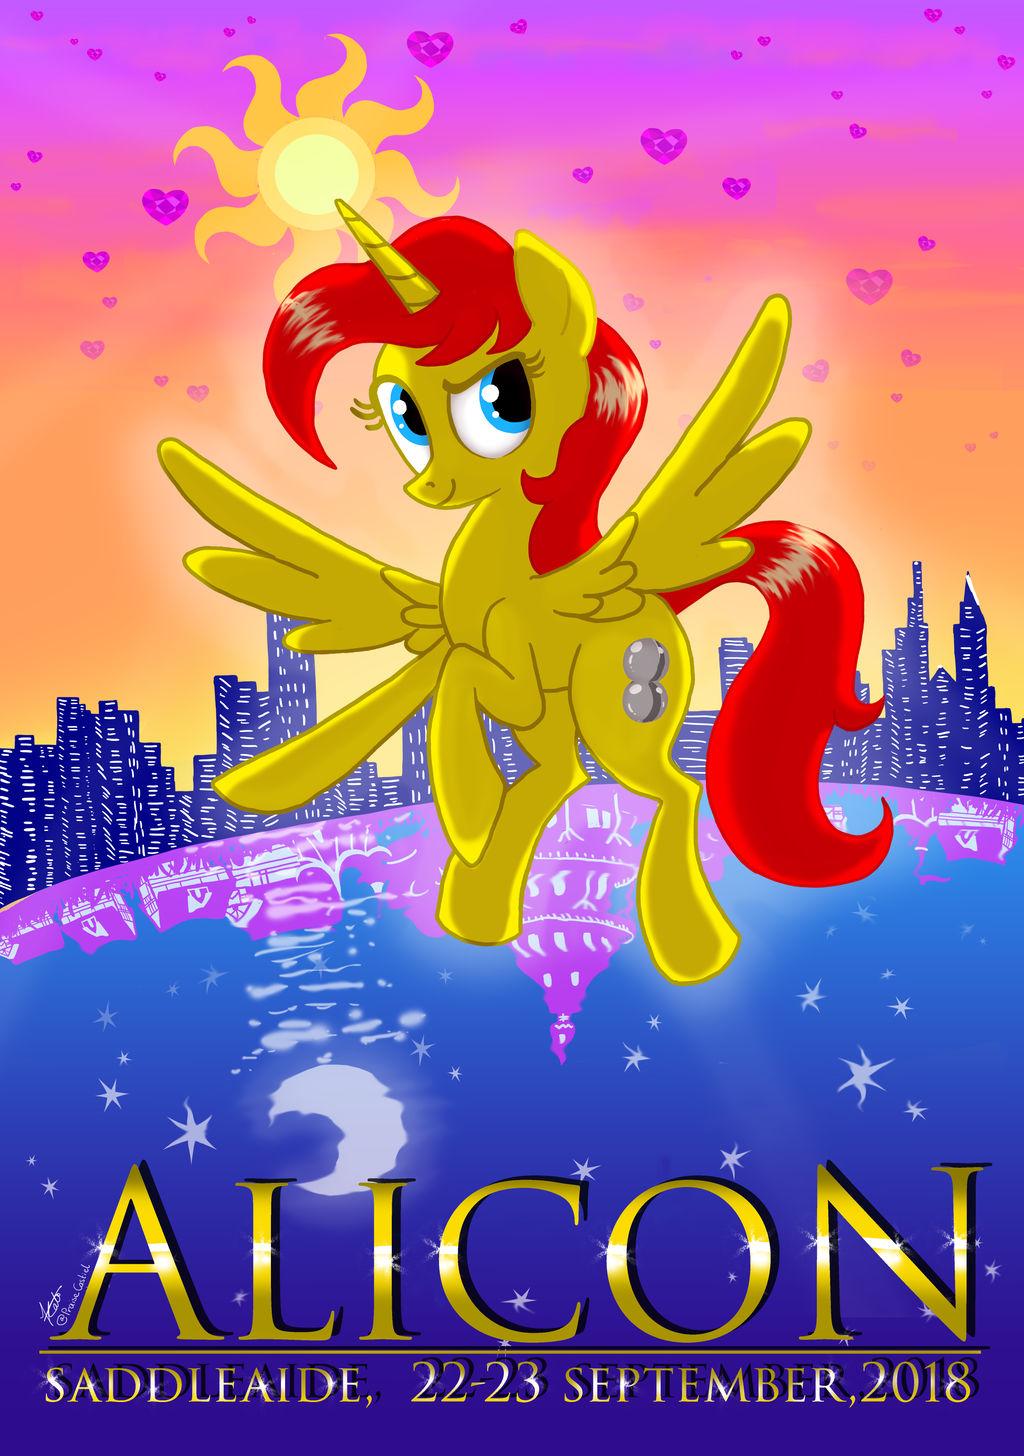 Alicon 2018 poster, Winning Design by PraiseCastiel